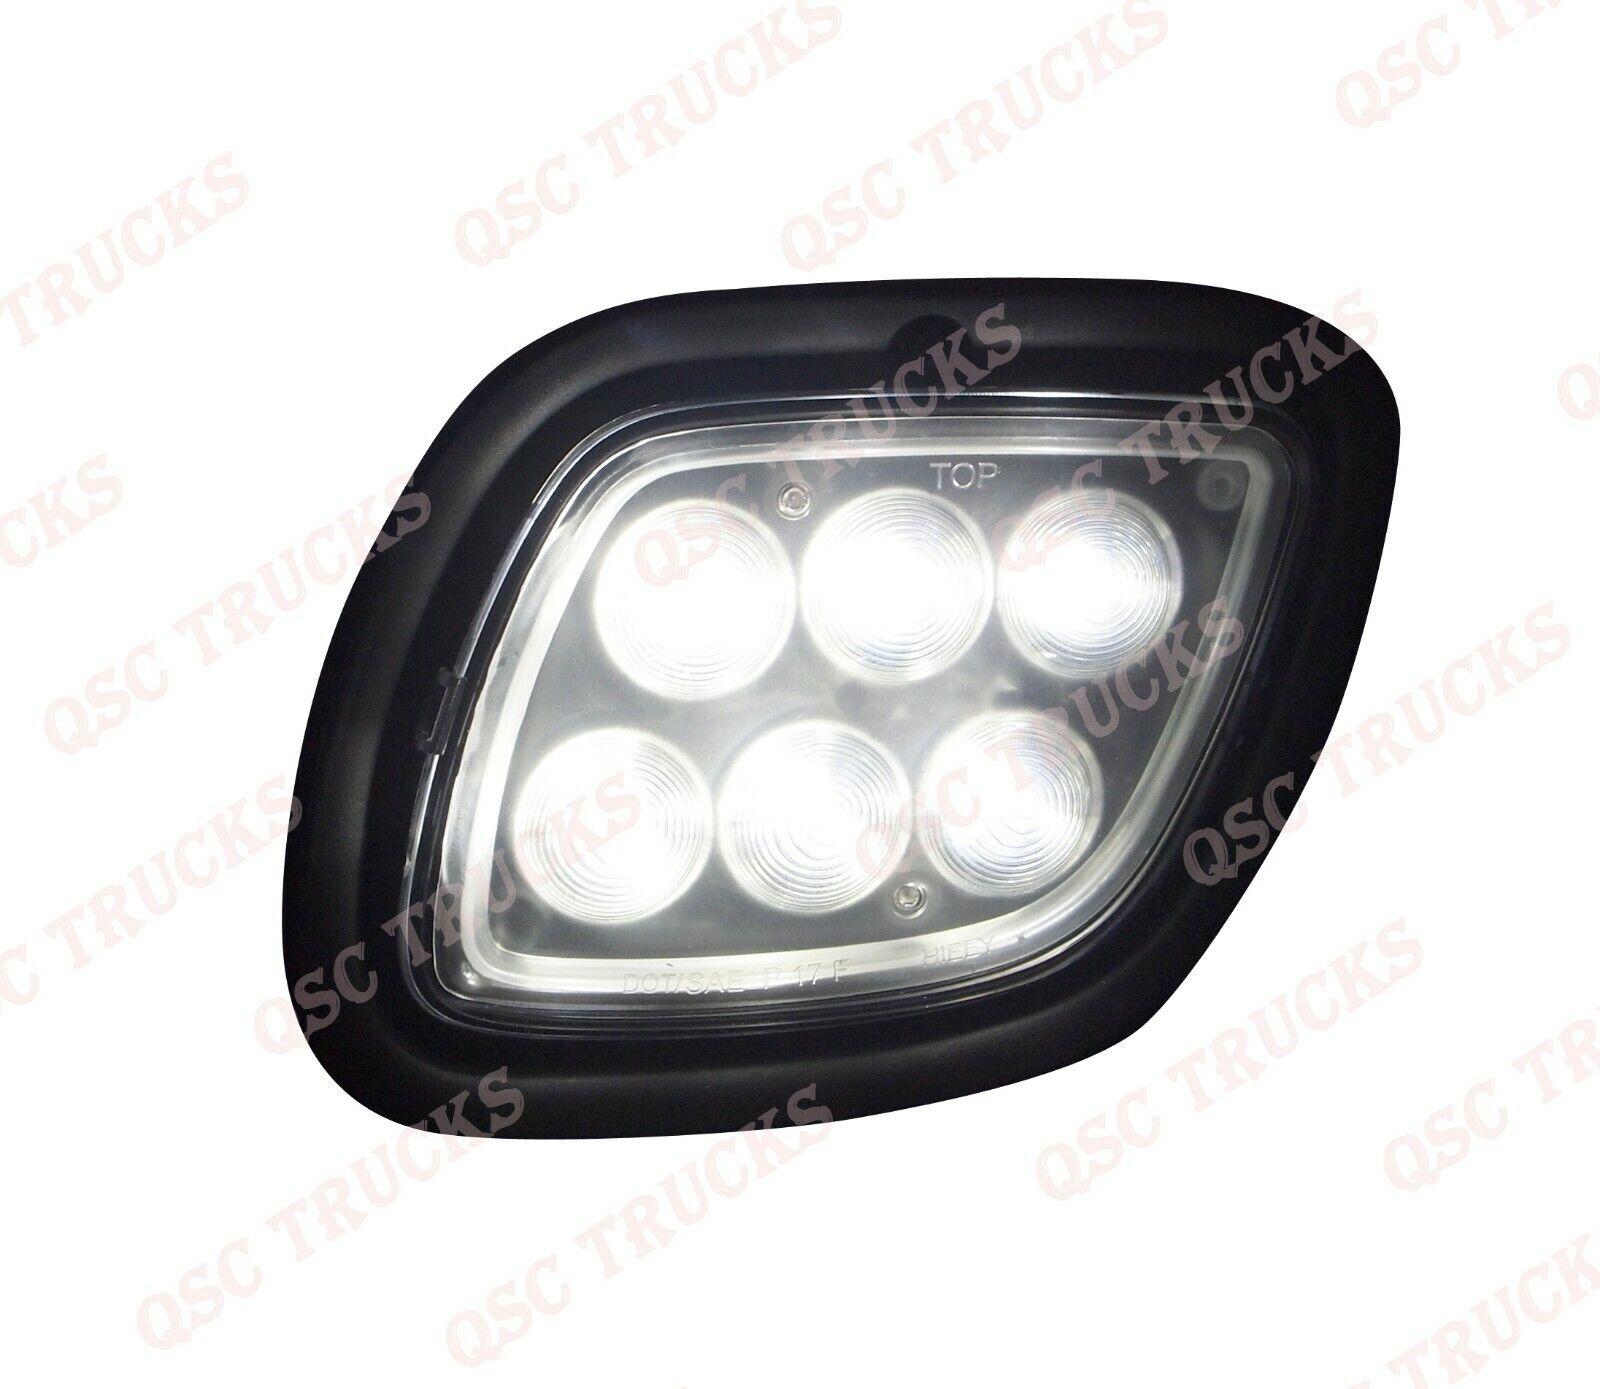 QSC Full LED Performance Fog Lights Lamps Pair for Freightliner Cascadia 08-16